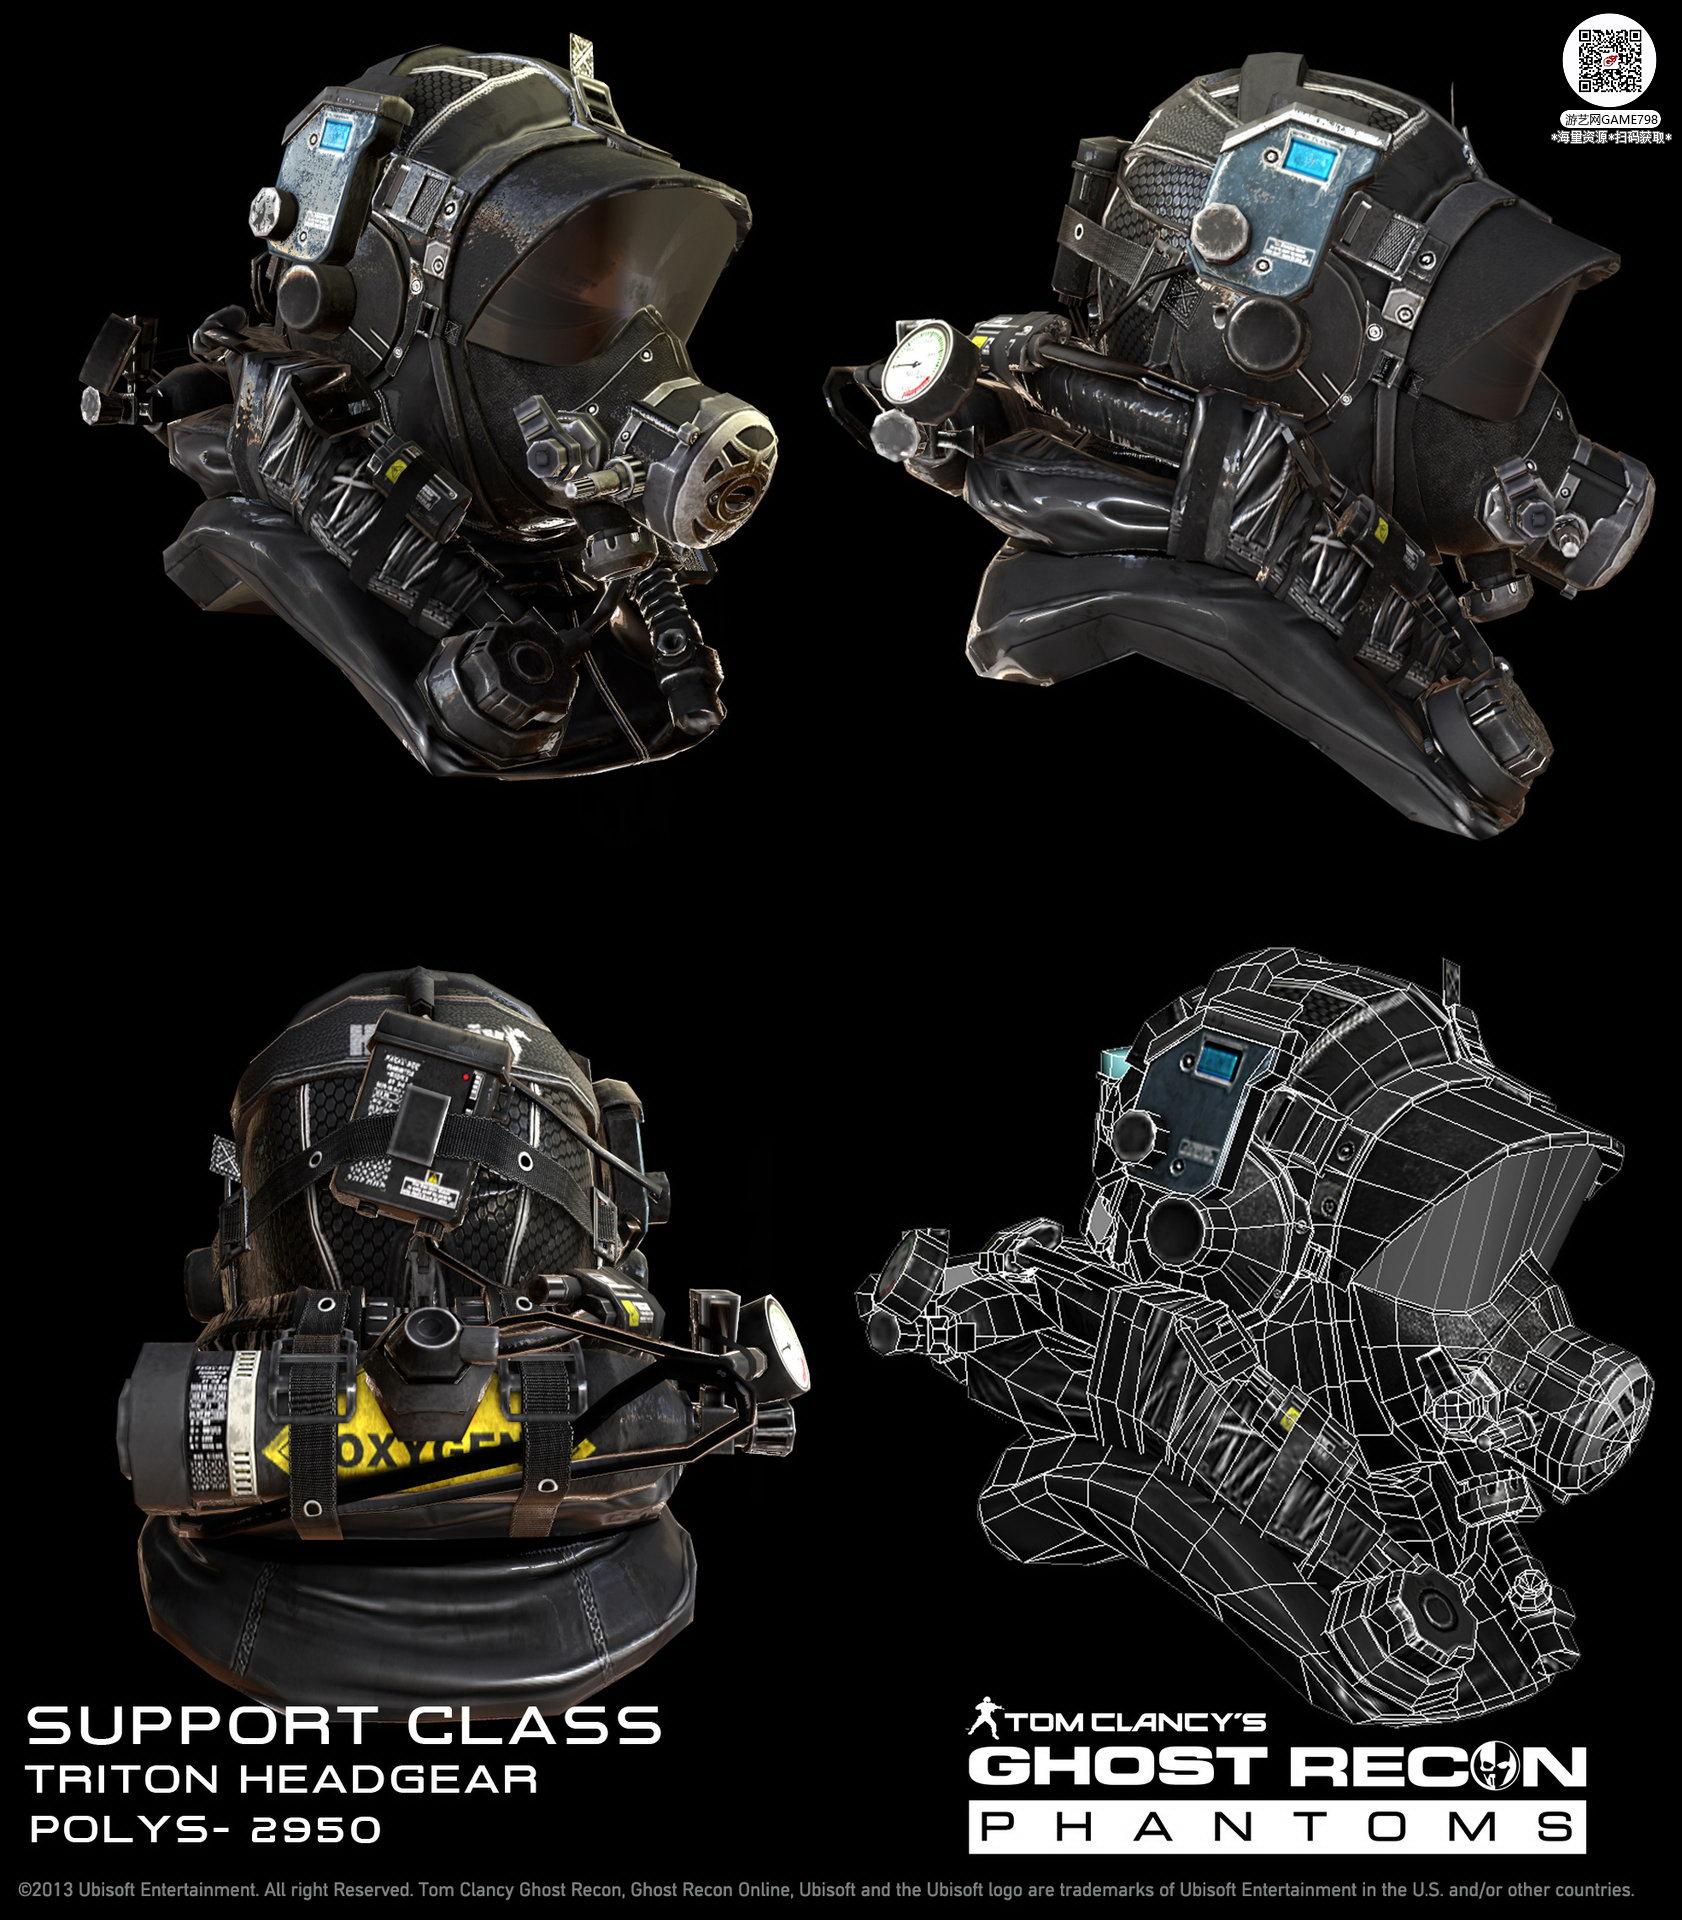 026_关注游艺网公众号获海量资源_幽灵行动未来战士次世代游戏3D模型参考原画概念设定.jpg